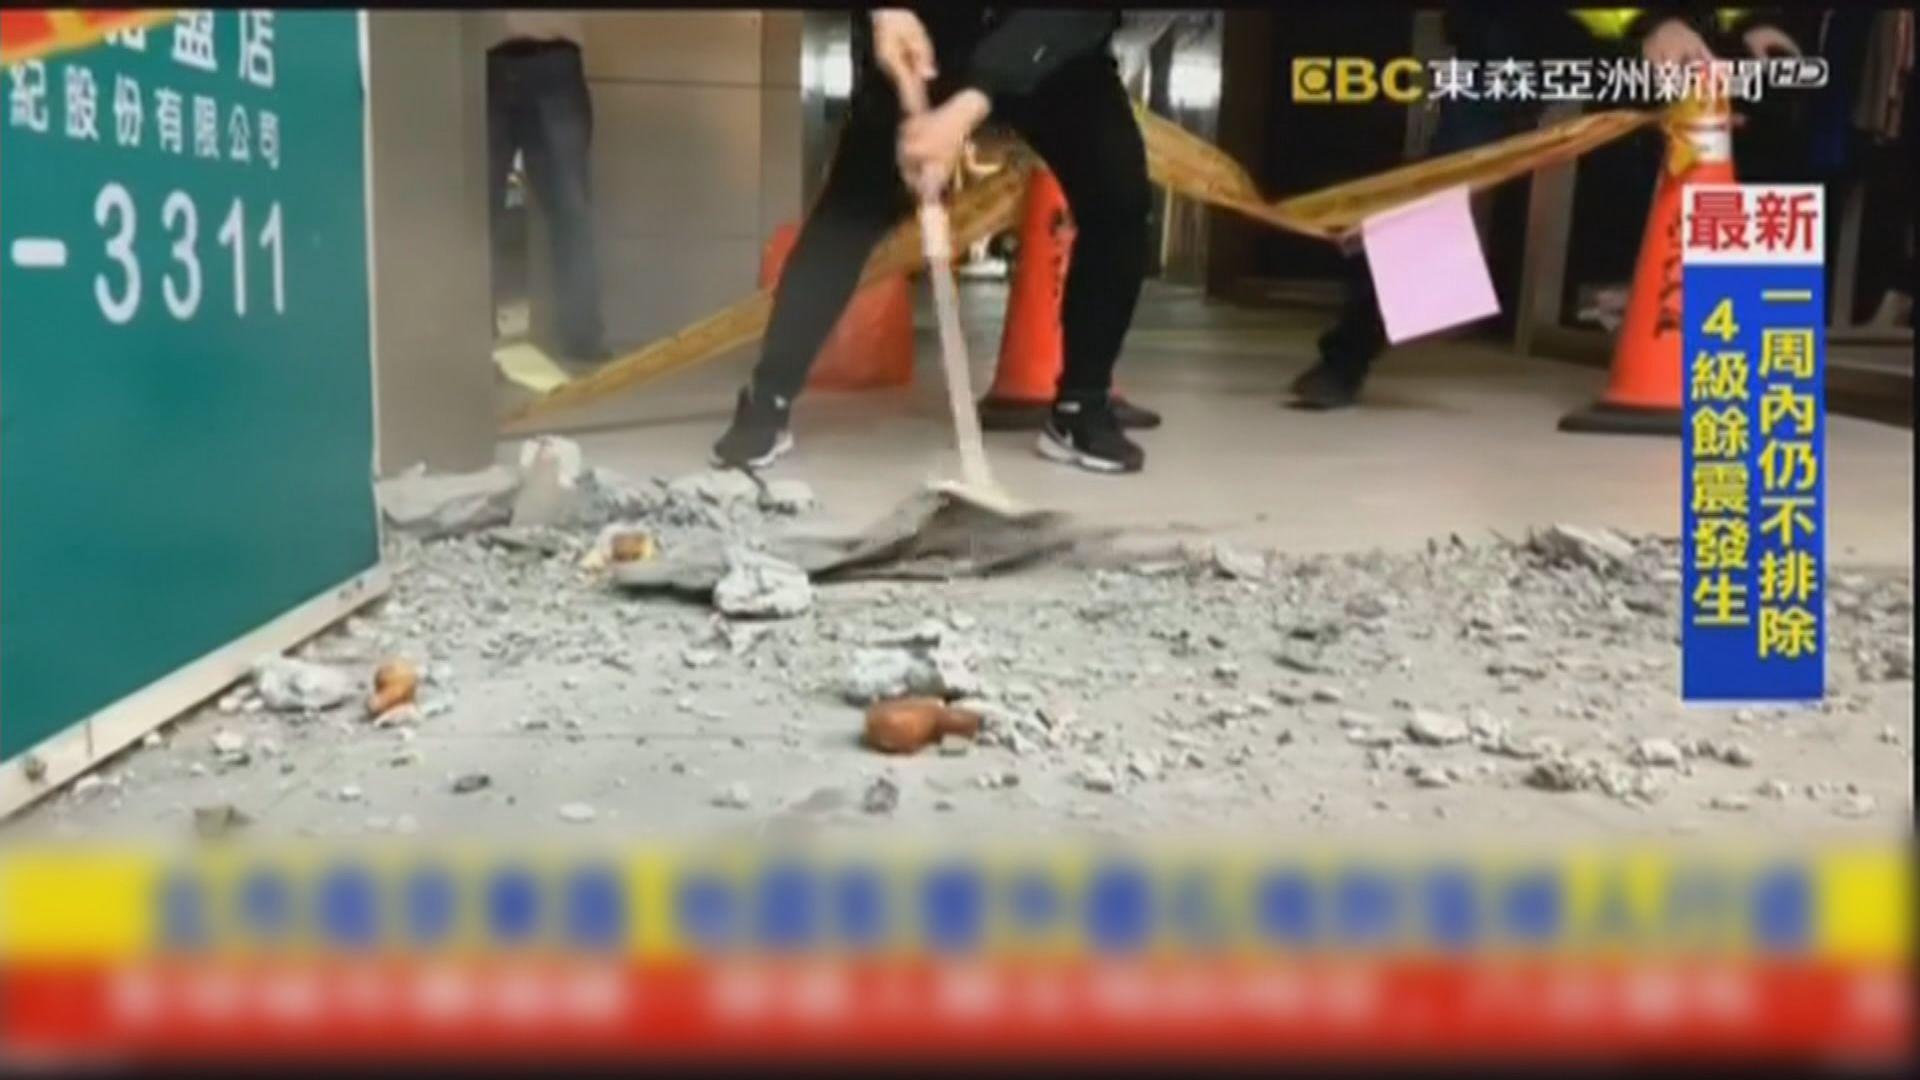 台灣東部海域發生6.7級地震 本港有人感到震動